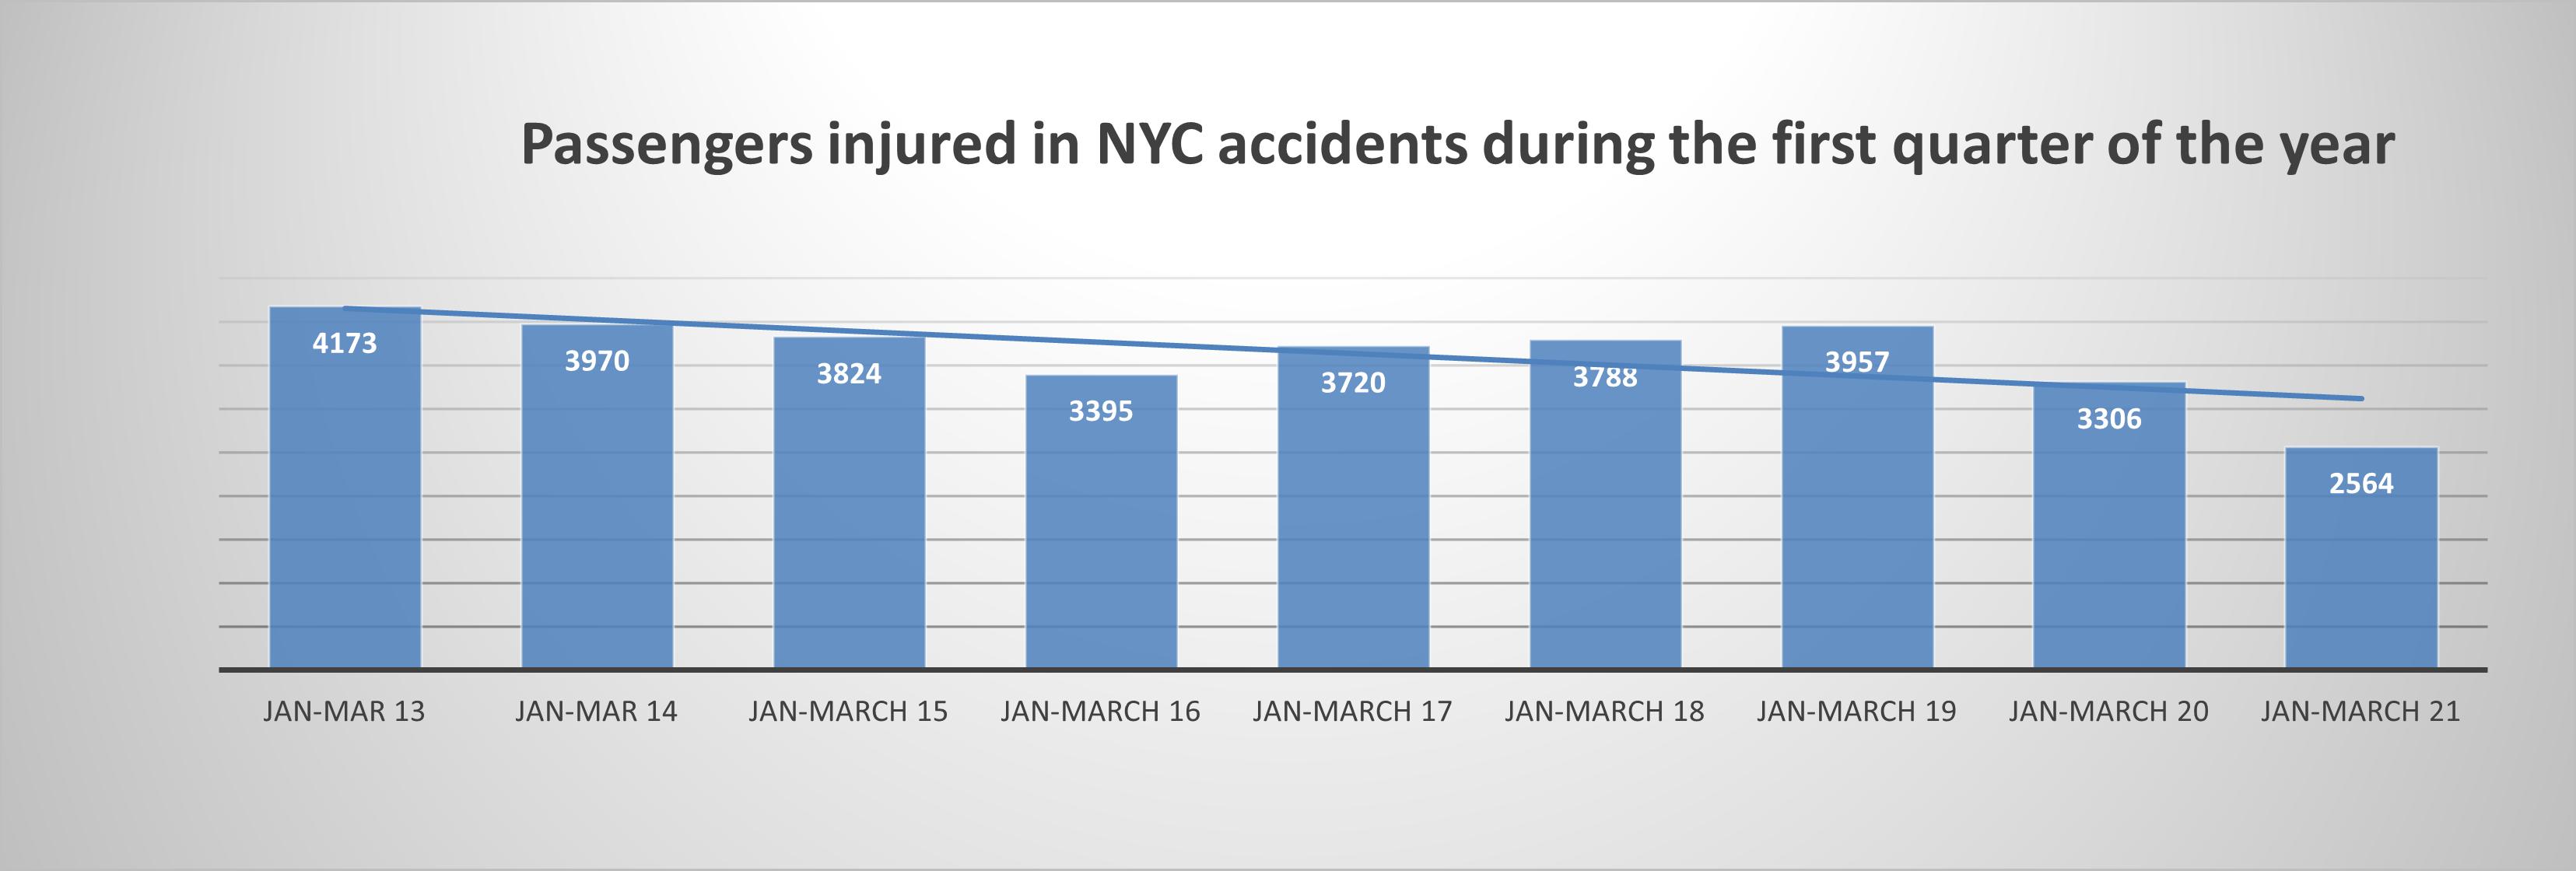 Passenger-injuries-New-York-City-1-2021